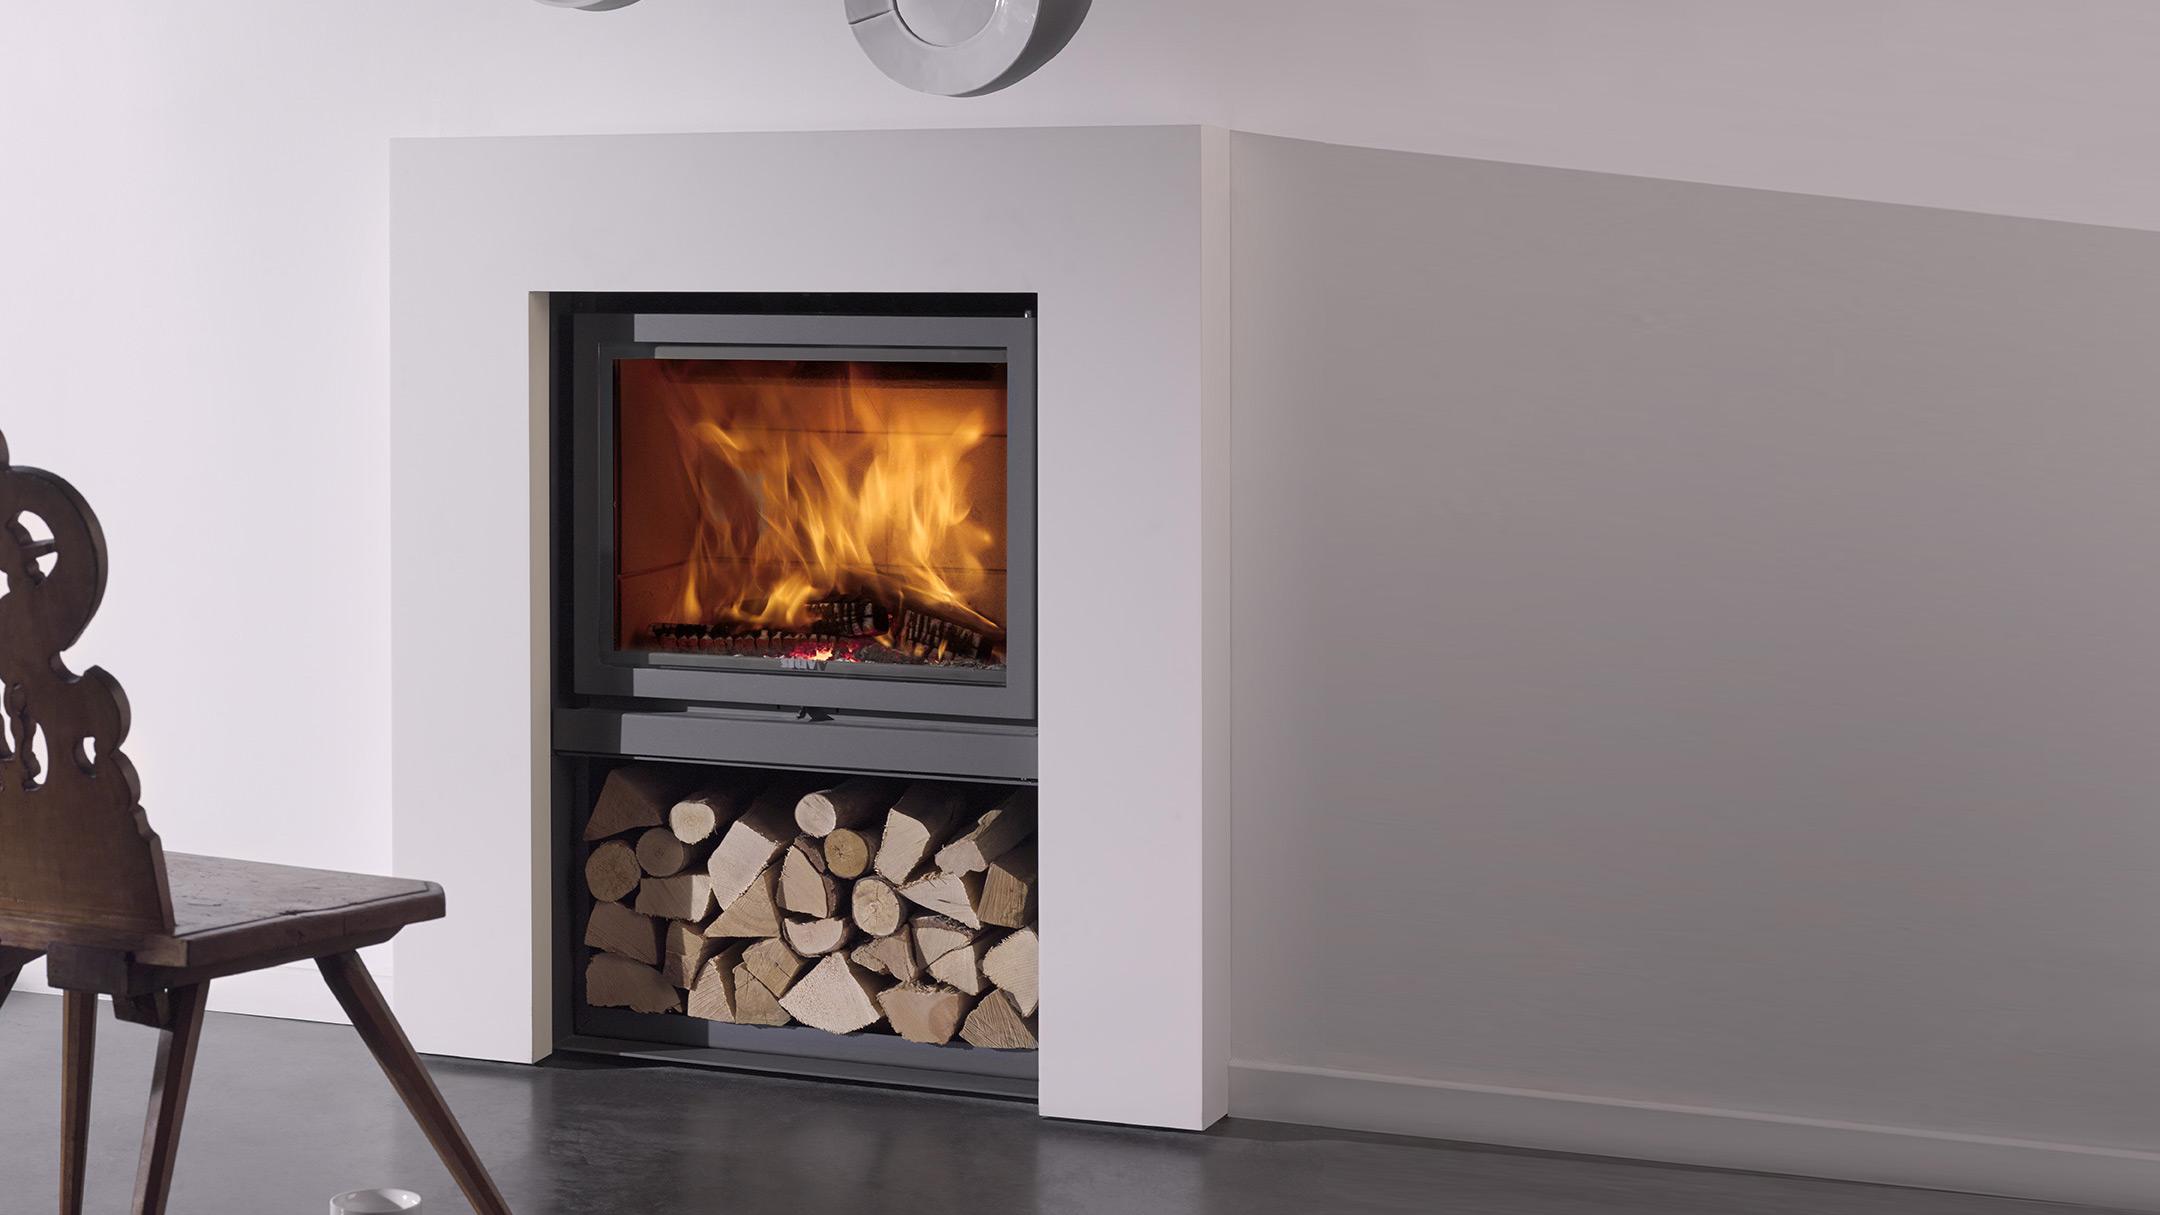 st 251 v 16 decorative fireplace